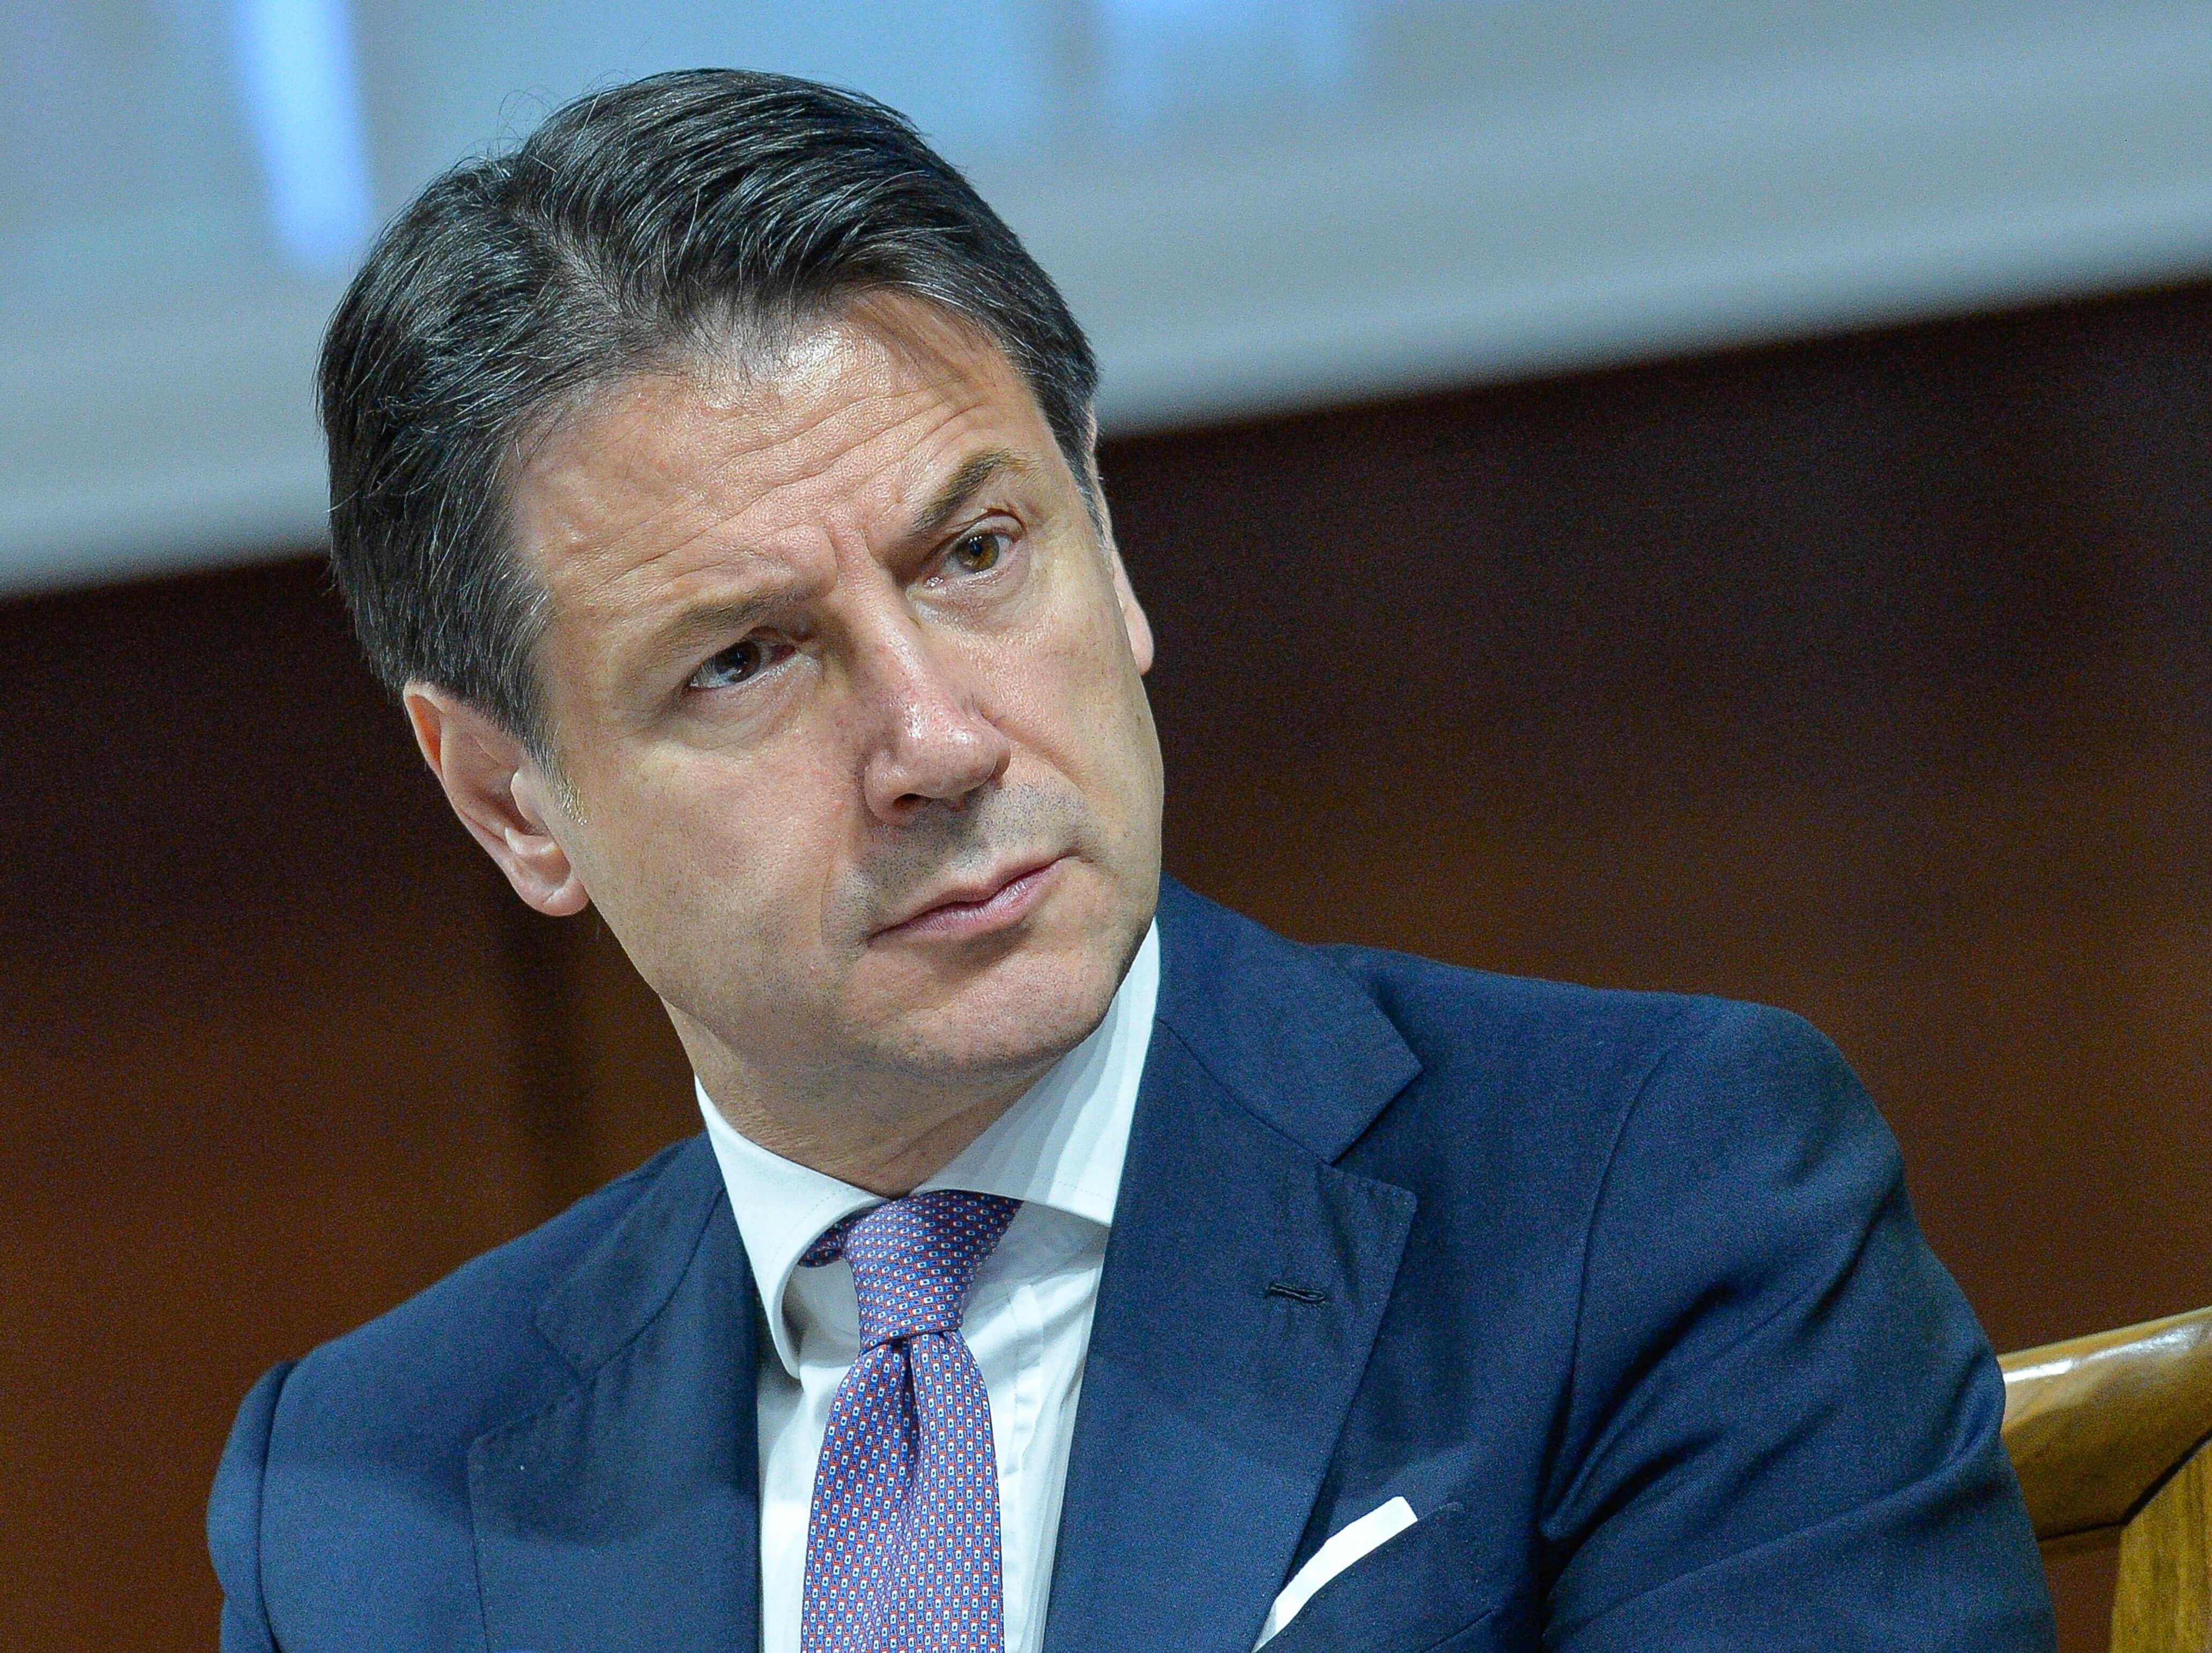 Giuseppe Conte dichiara oltre un milione di euro: è il più ricco ...